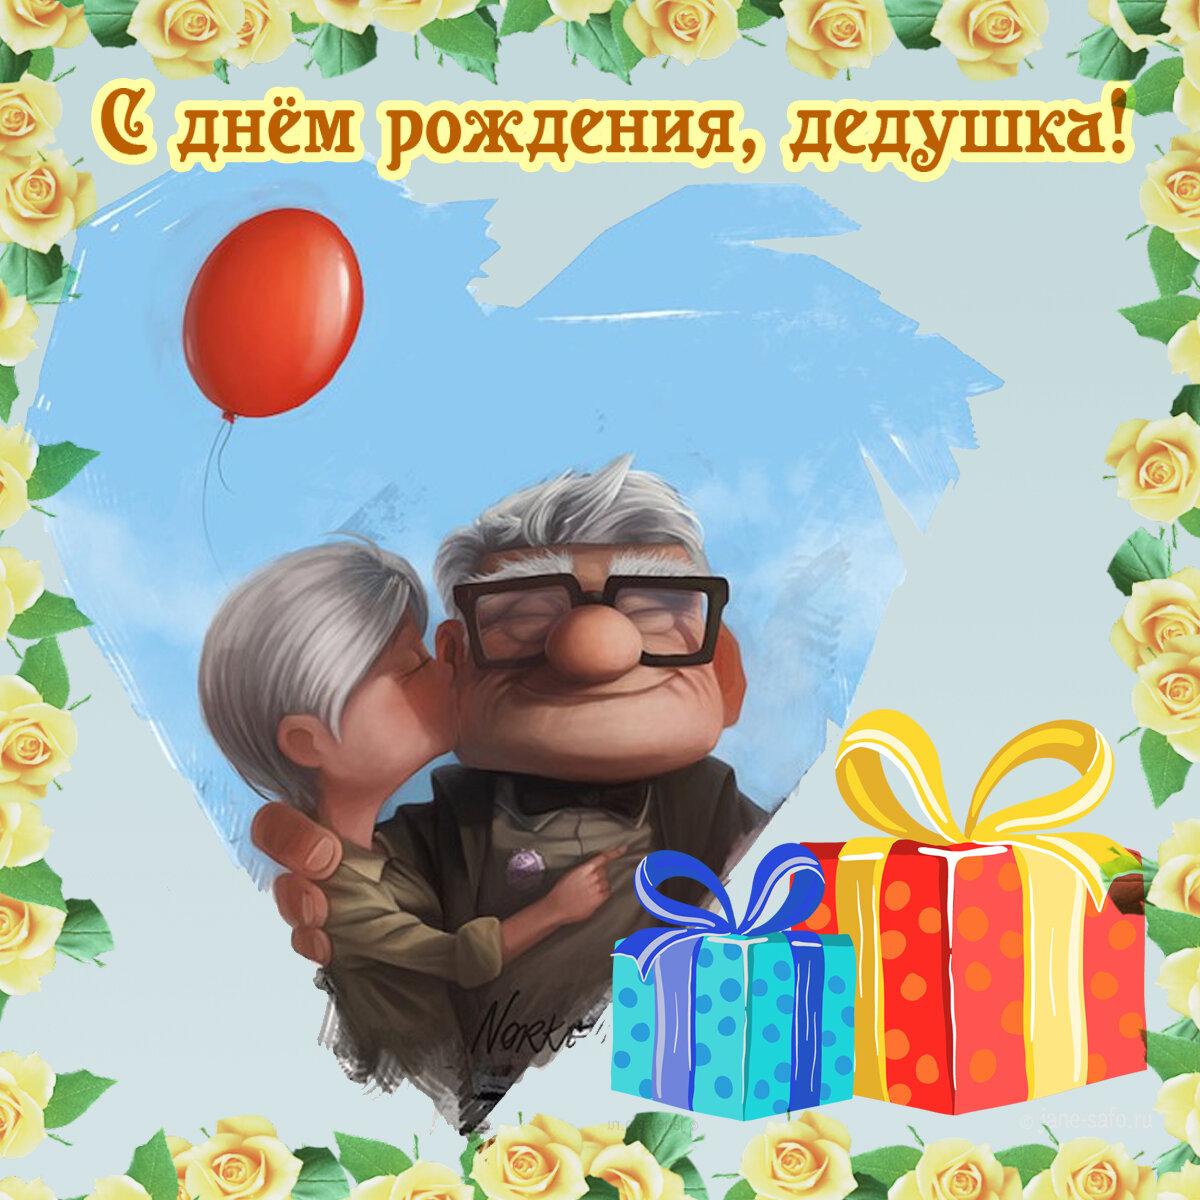 Картинки надписями, открытки для дня рождения для дедушки